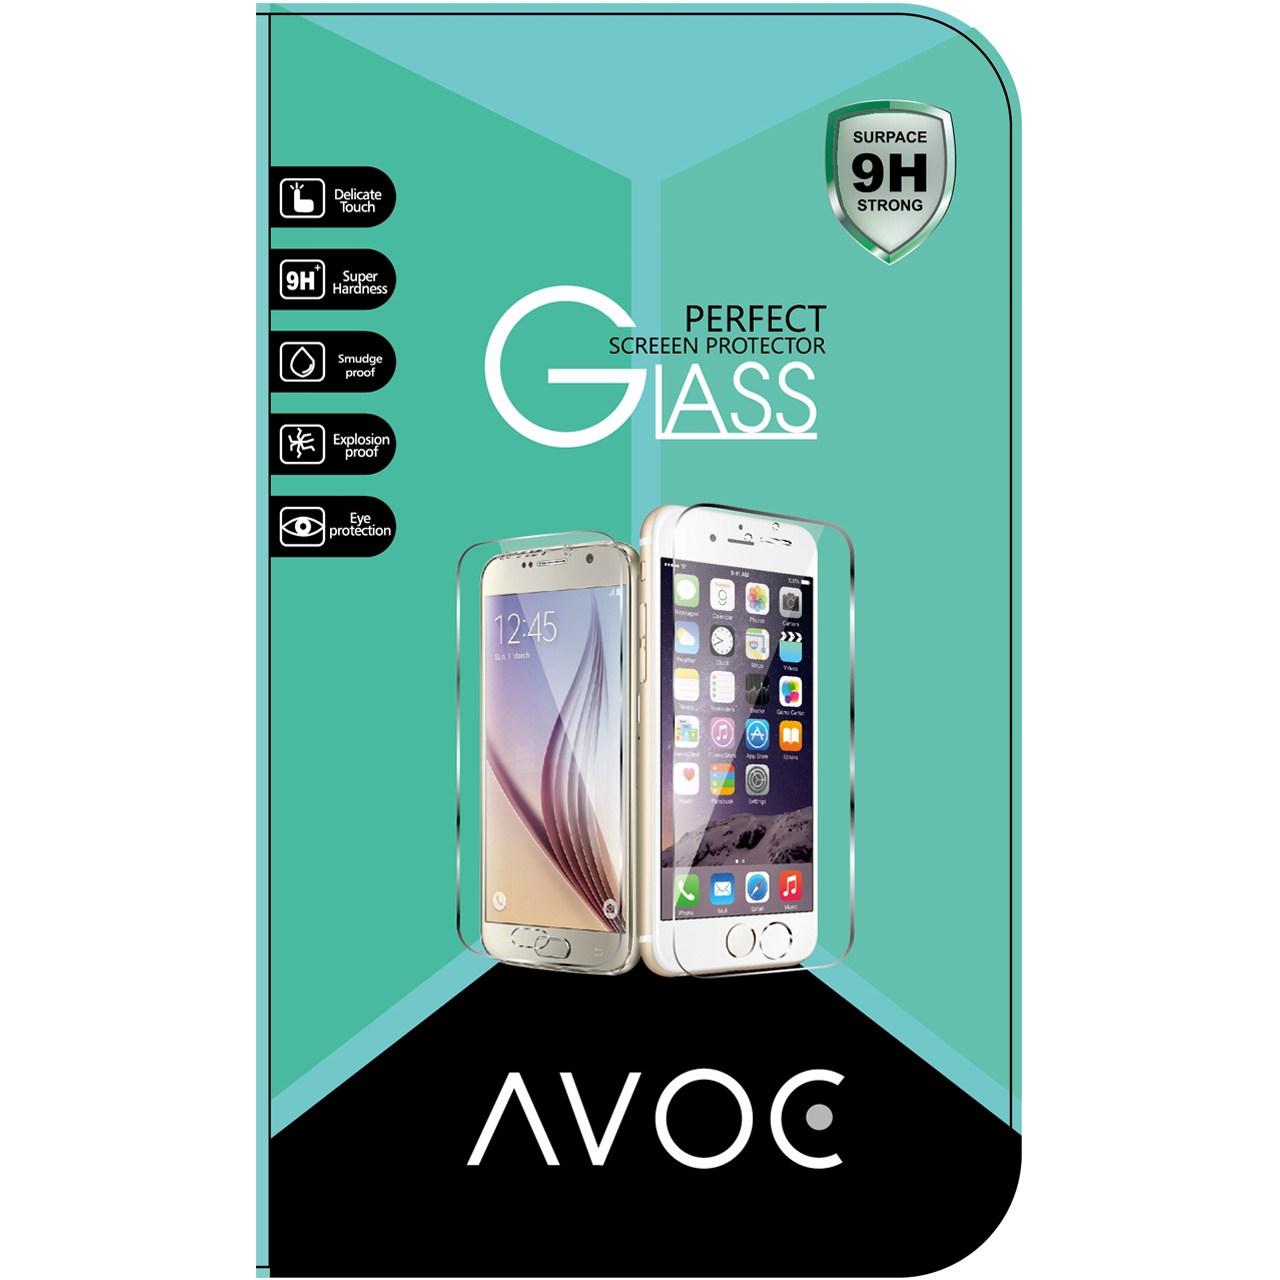 محافظ صفحه نمایش شیشه ای اوک مناسب برای گوشی موبایل اچ تی سی M8